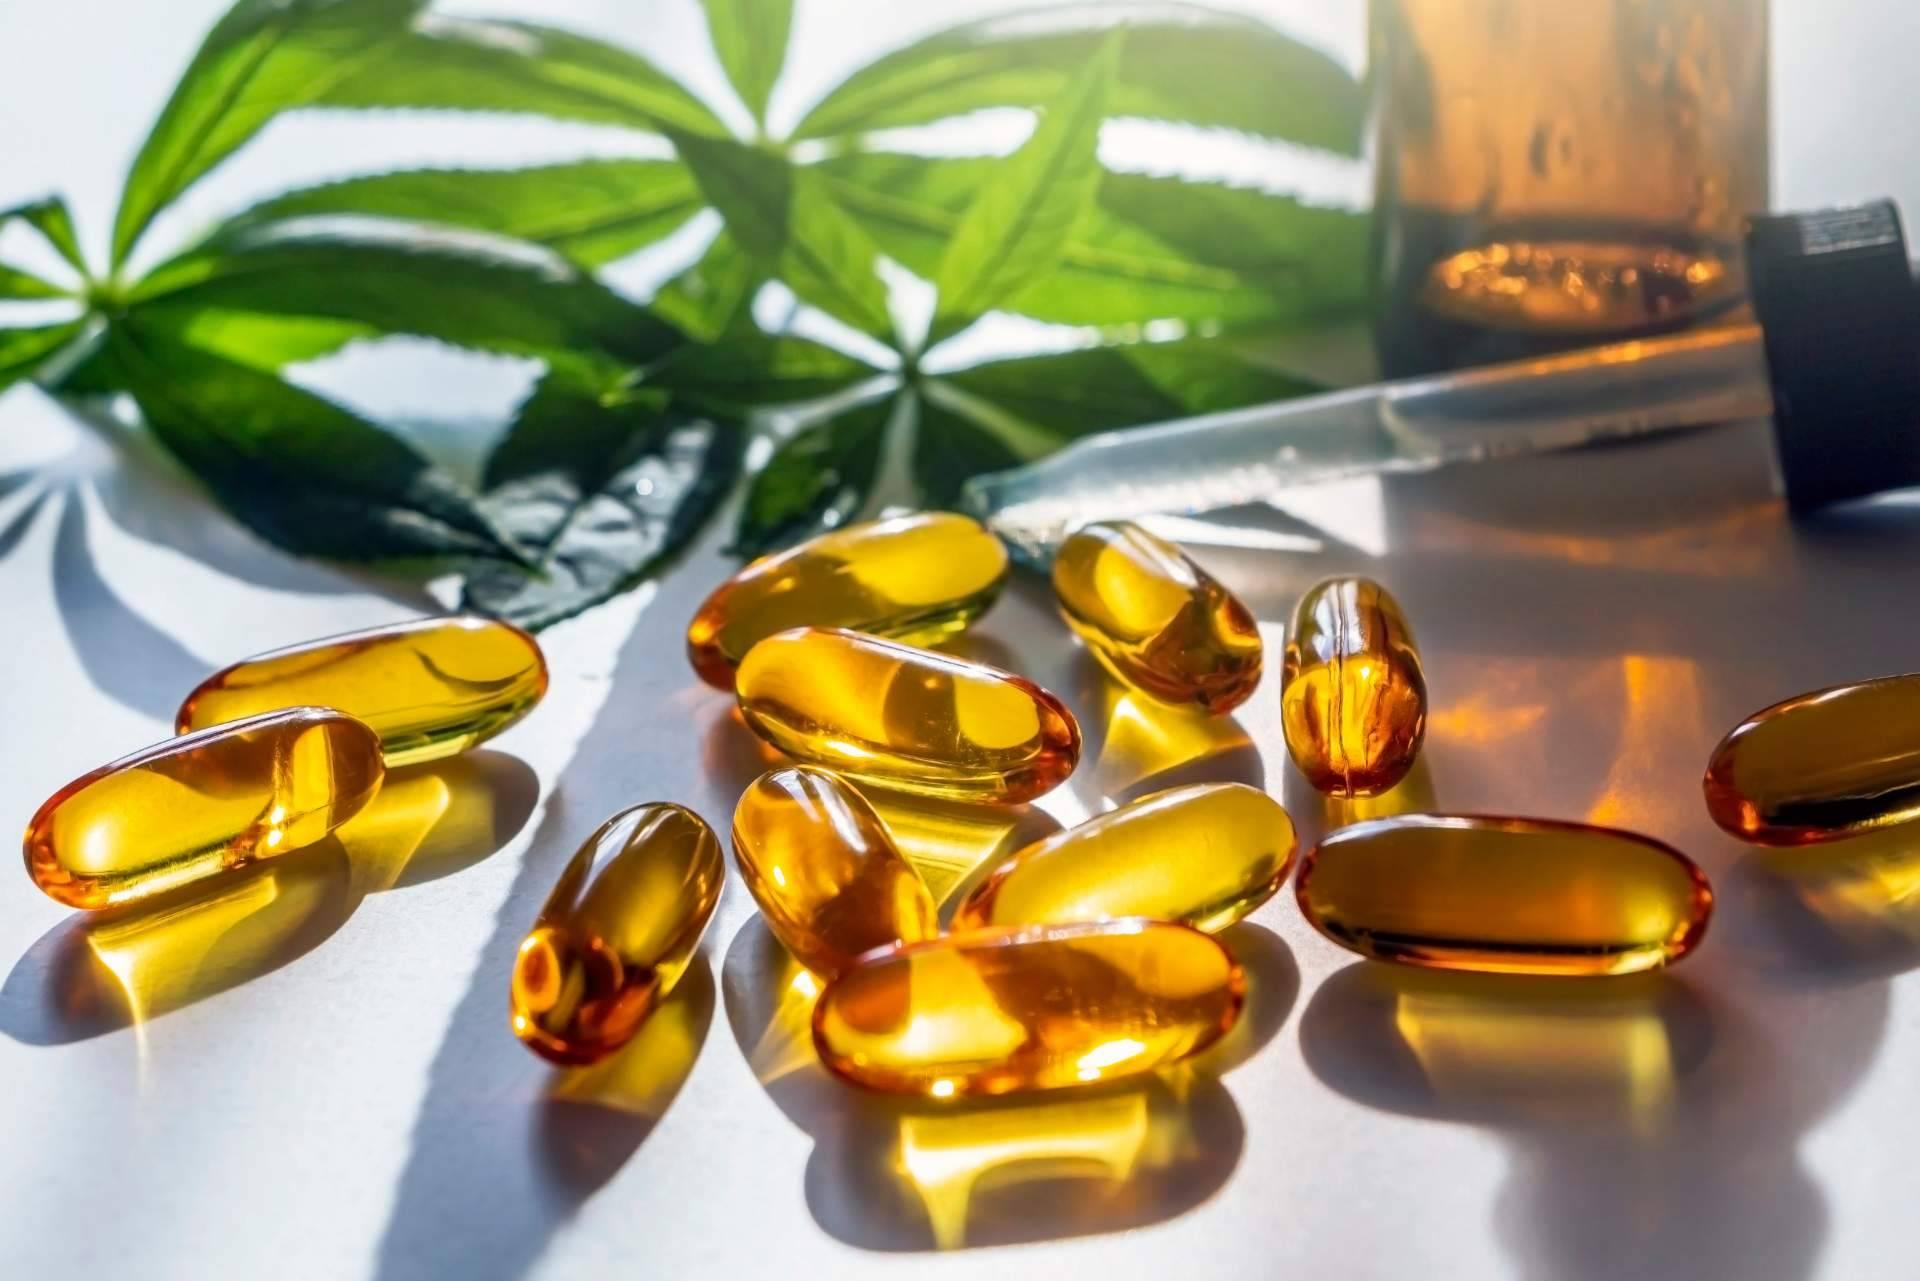 ¿Dónde encontrar cosmética natural y aceite CBD?, por la tienda online Legalhemp Biocosmetic